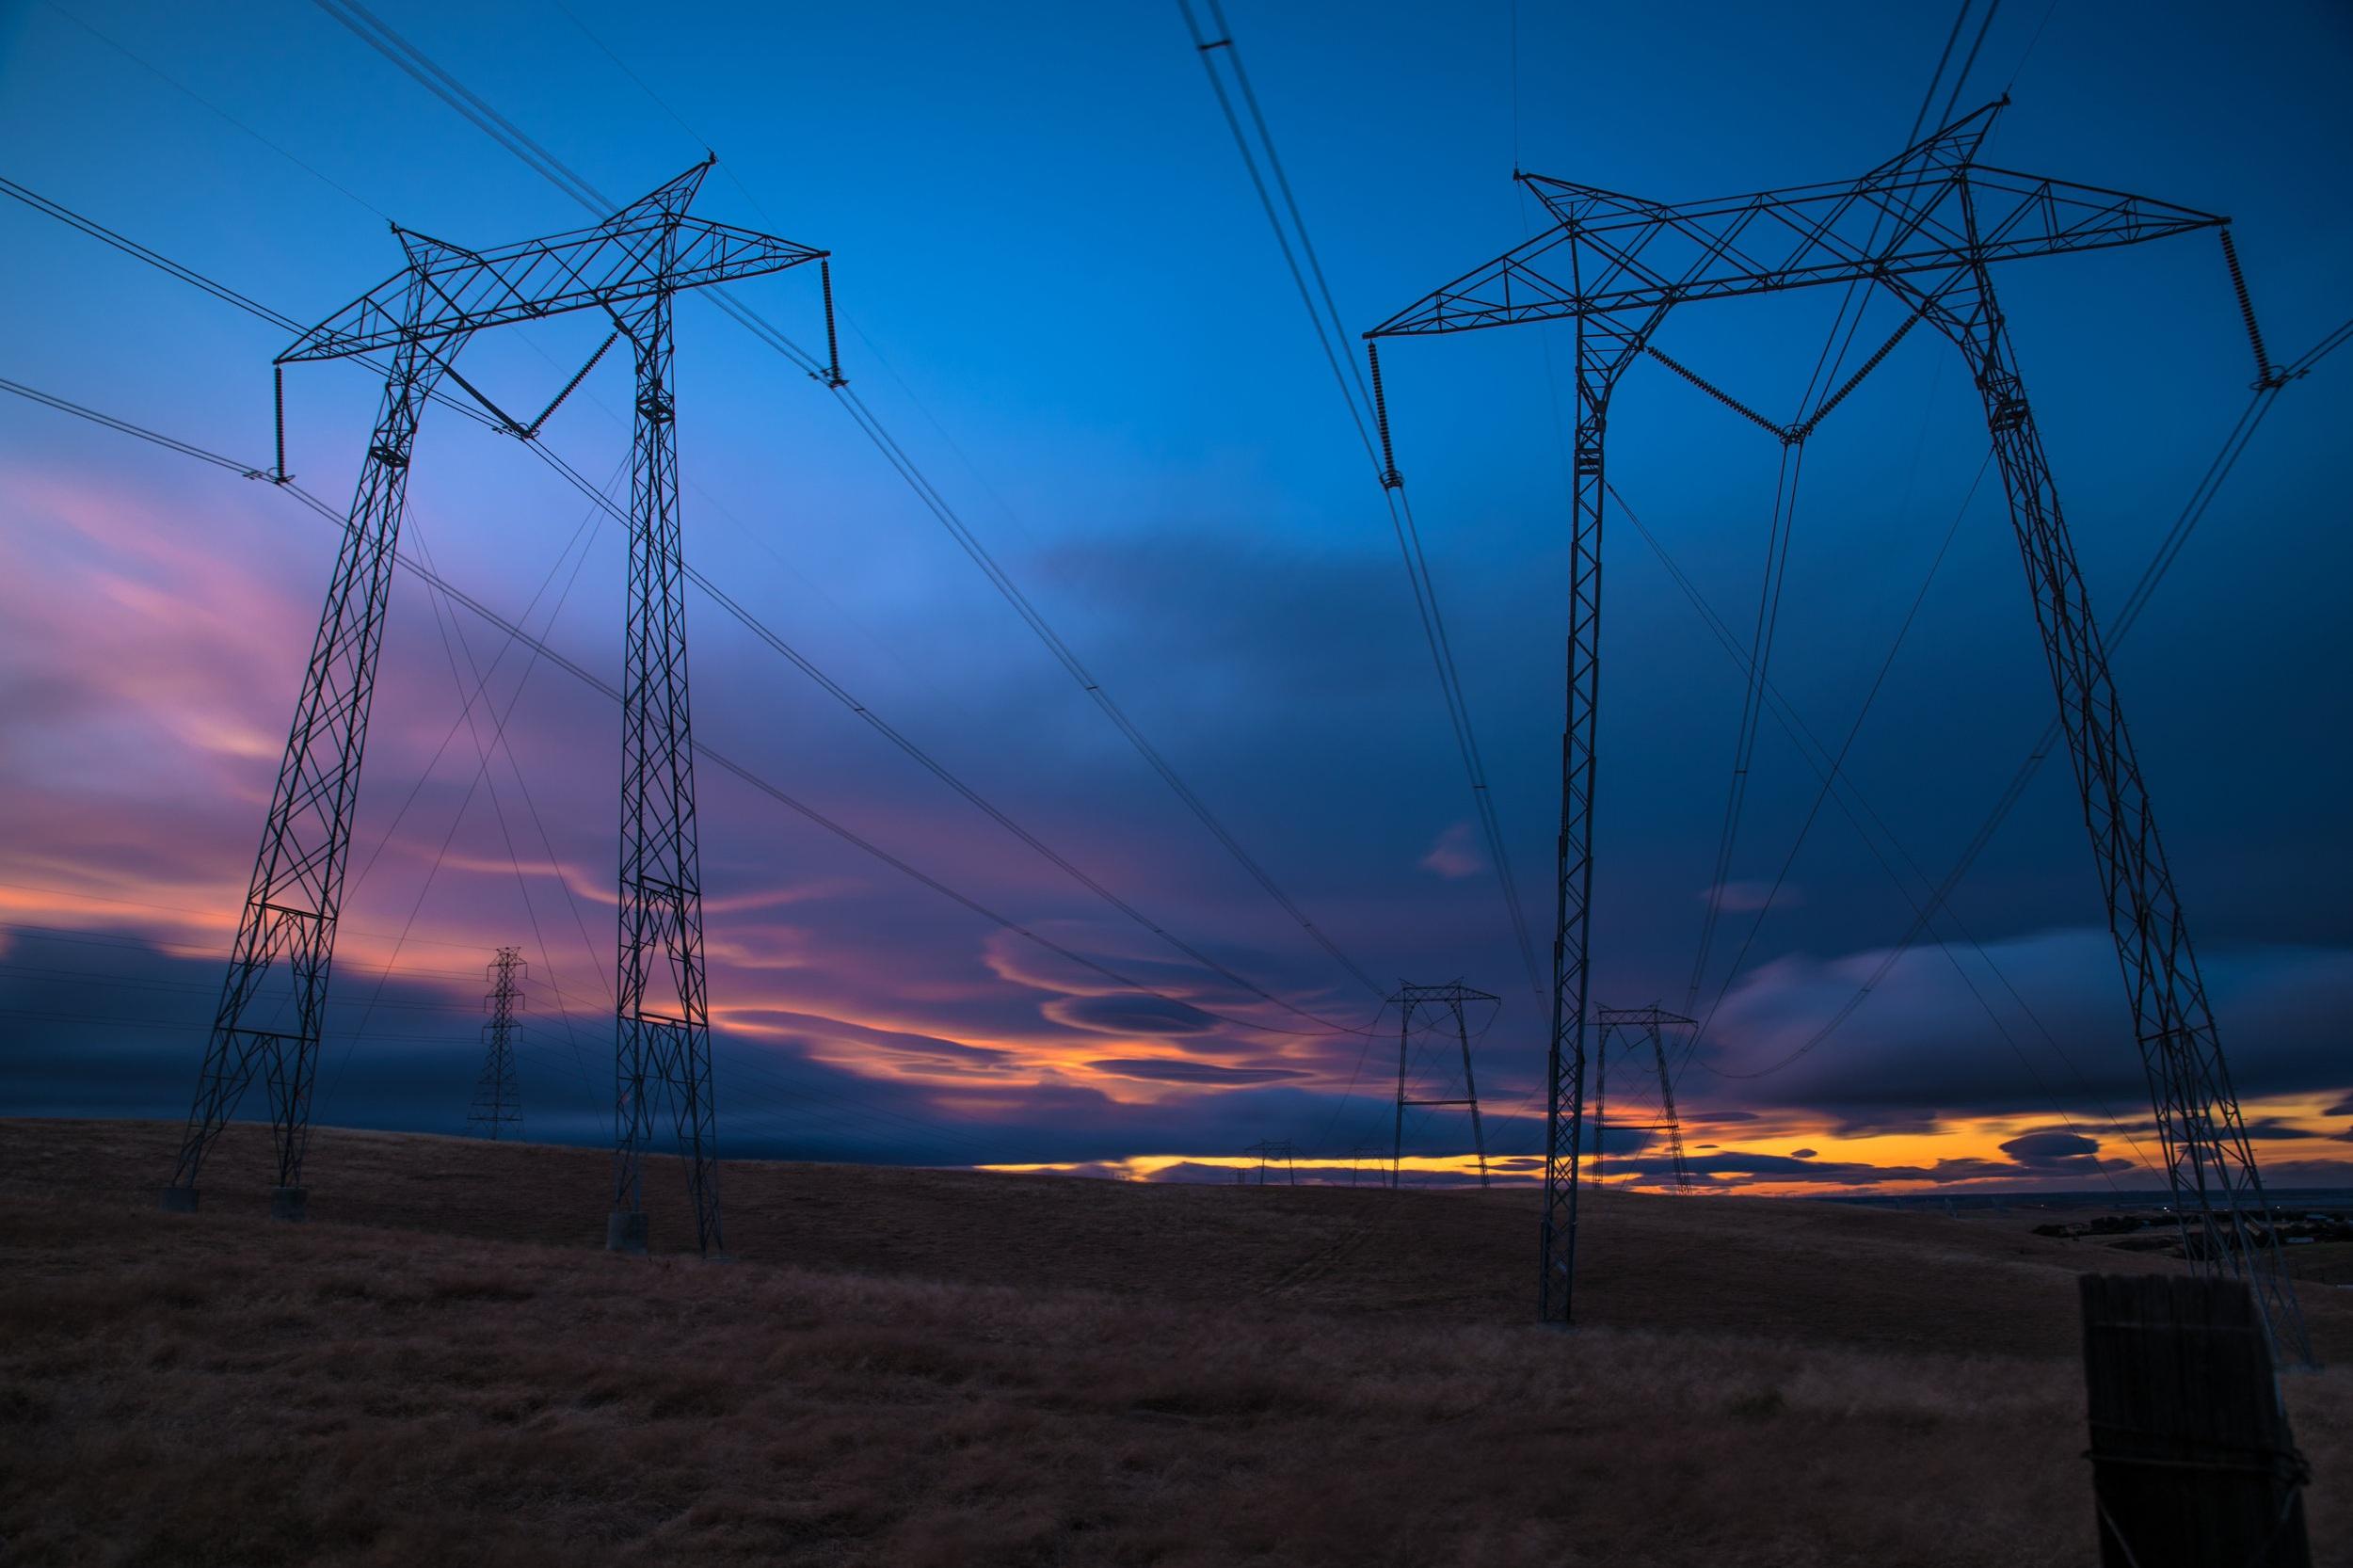 Visualizing the U.S. Energy Consumption -